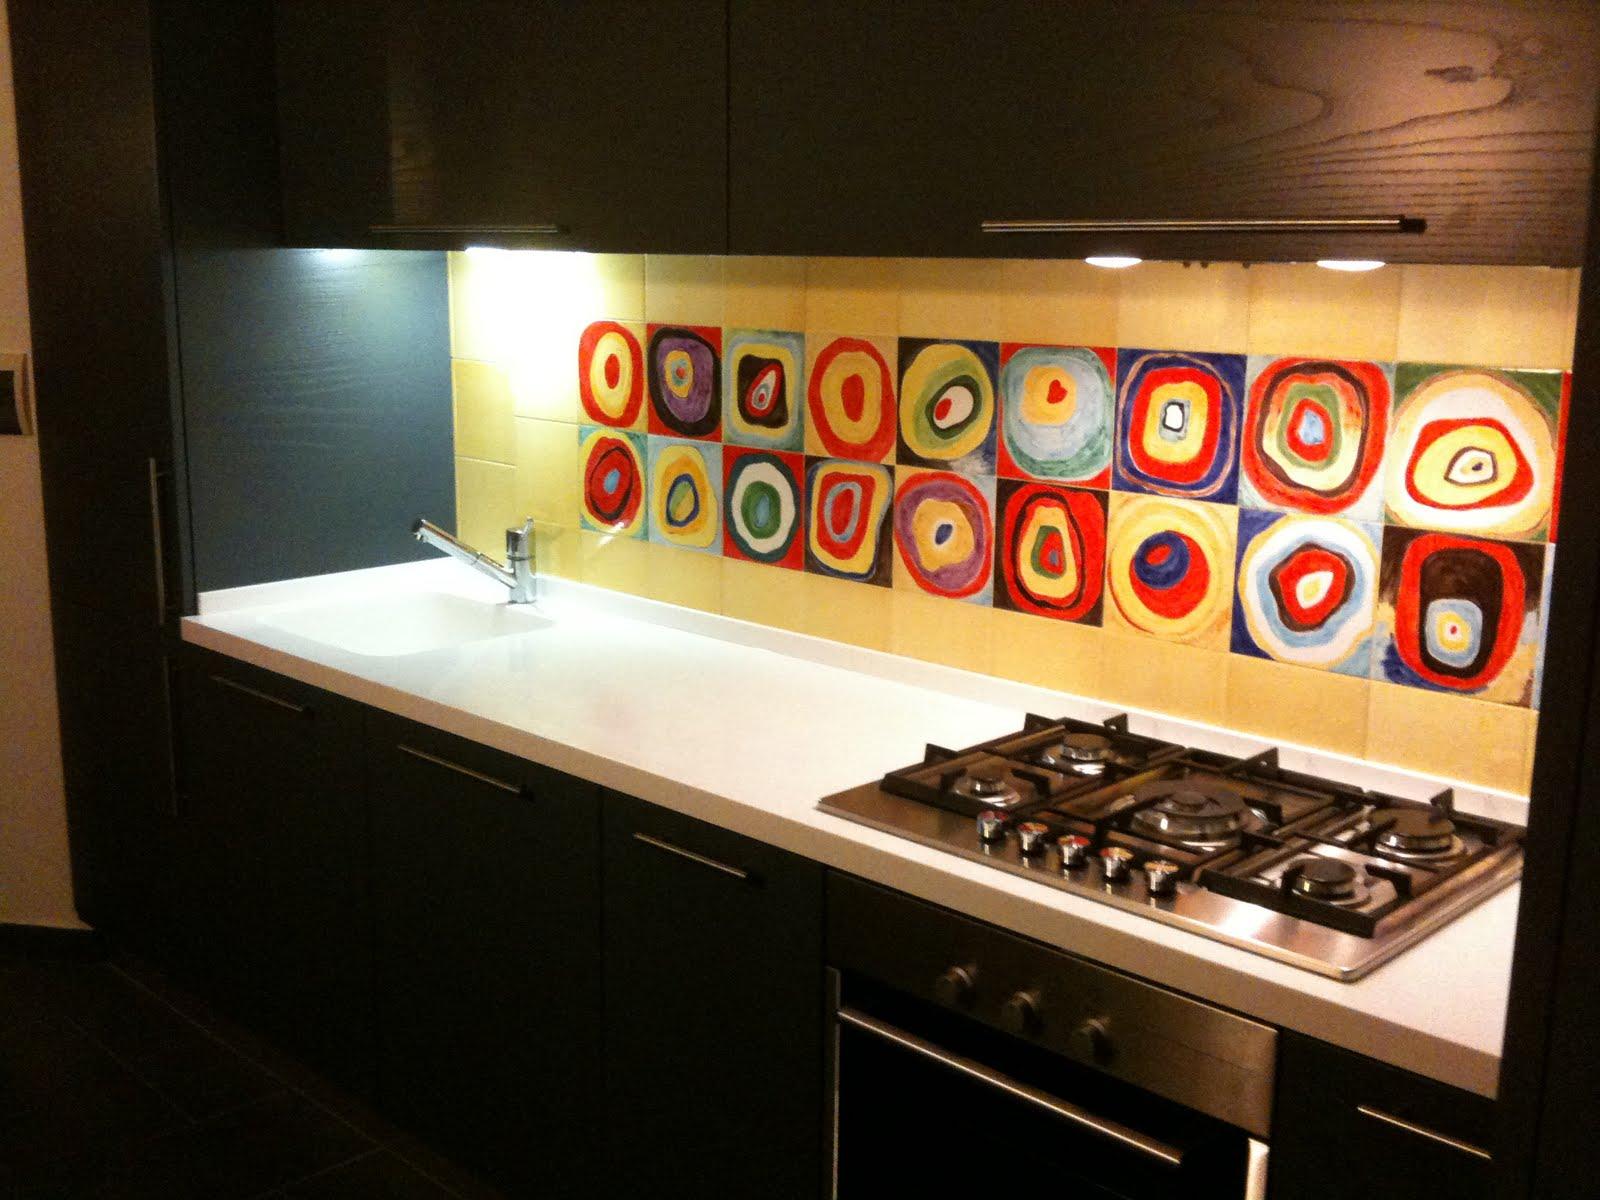 Copri piastrelle cucina cucine esszimmer pannelli per for Pannelli per coprire piastrelle cucina casa